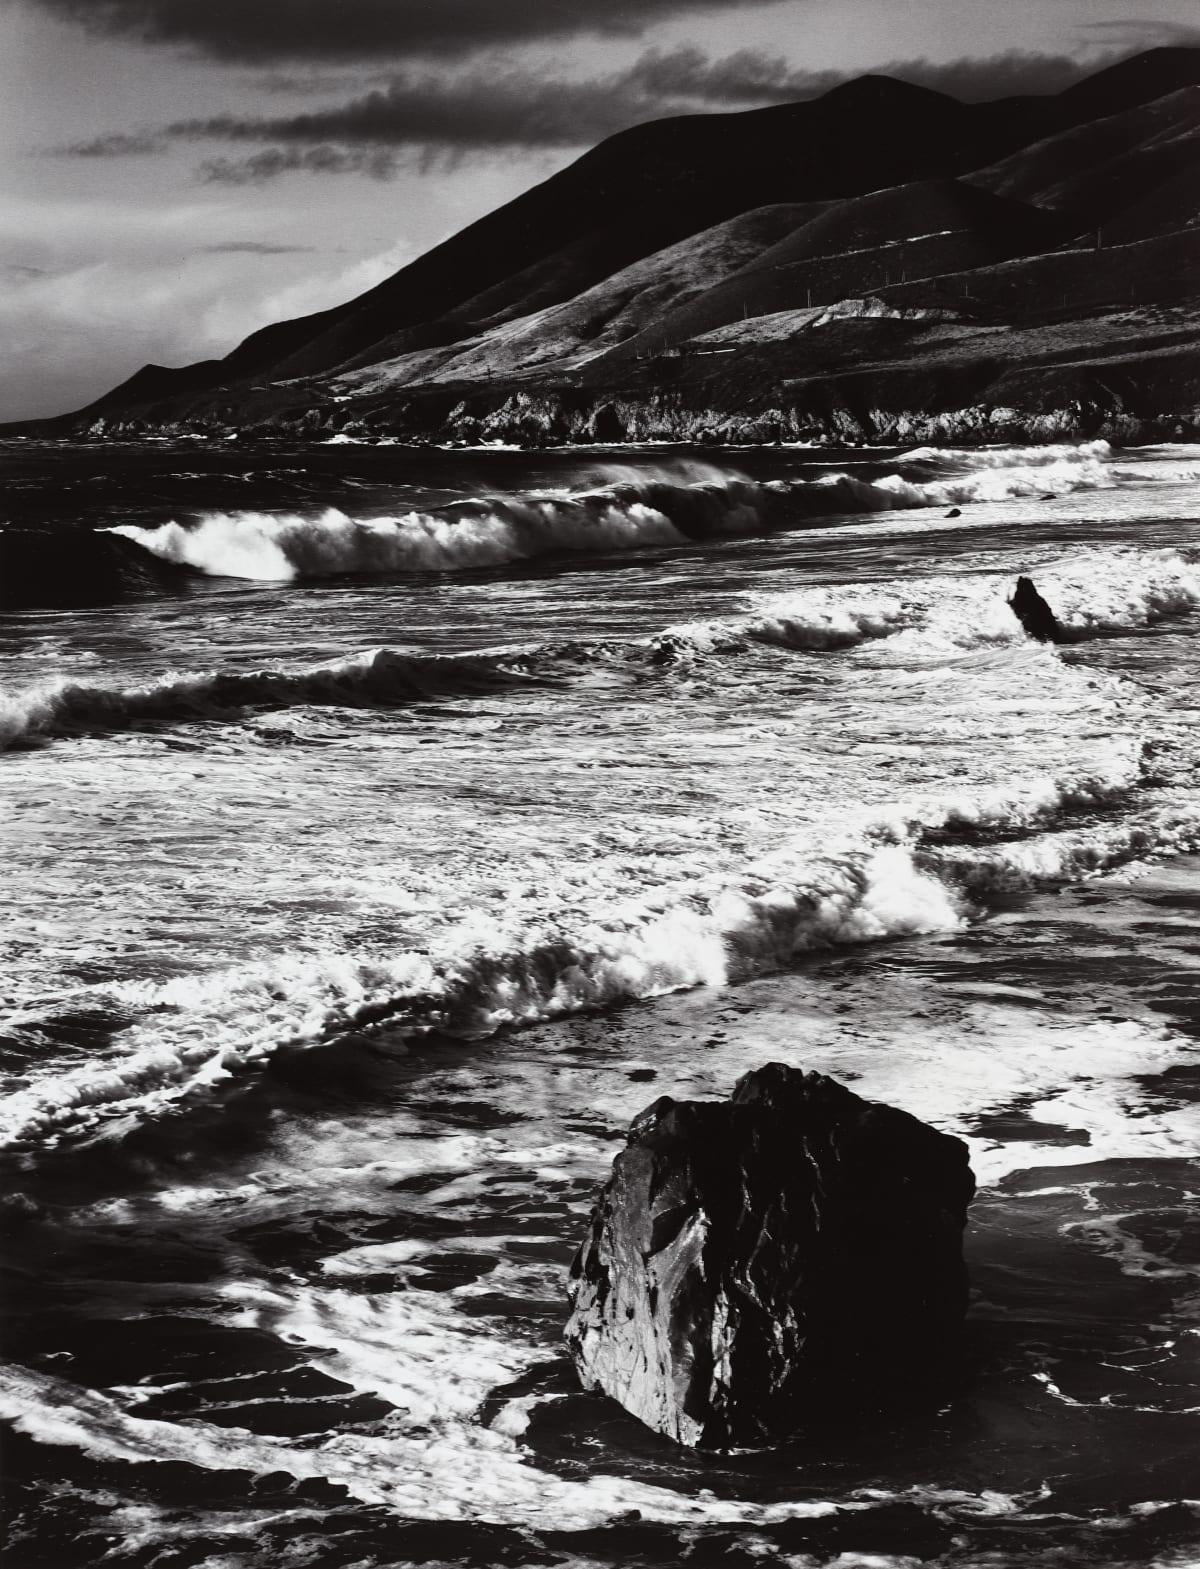 Morley Baer, Winter Surf, 1966